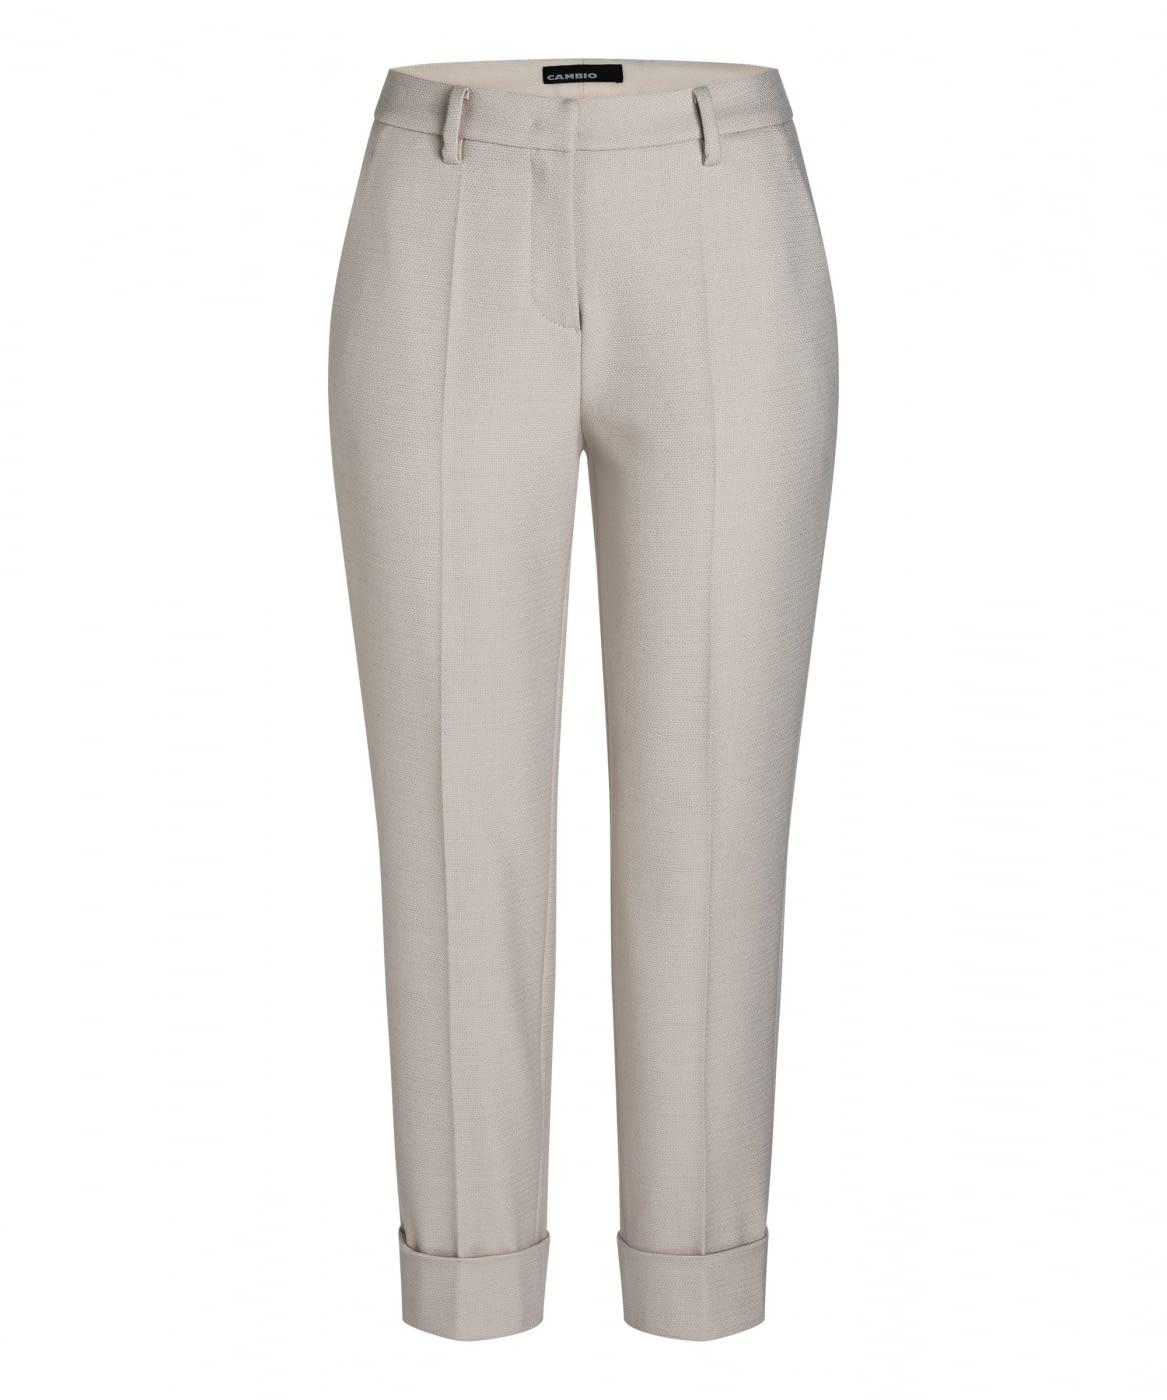 CAMBIO pantalón lana color crudo